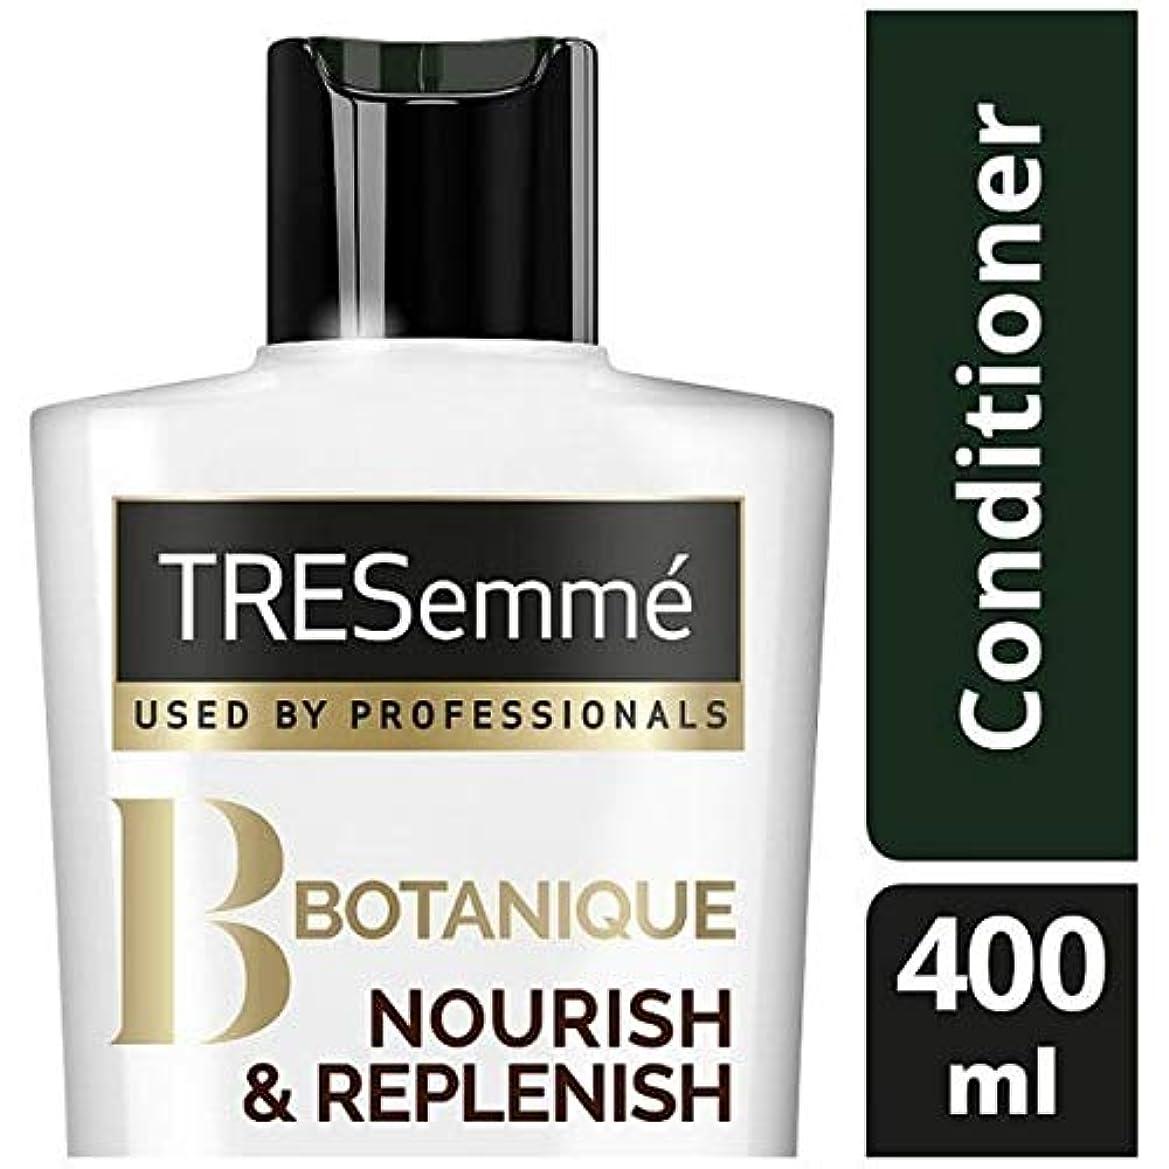 保護するキャッチ大佐[Tresemme] Tresemmeのボタニックを養う&コンディショナー400ミリリットルを補充します - TRESemme Botanique Nourish & Replenish Conditioner 400ml...